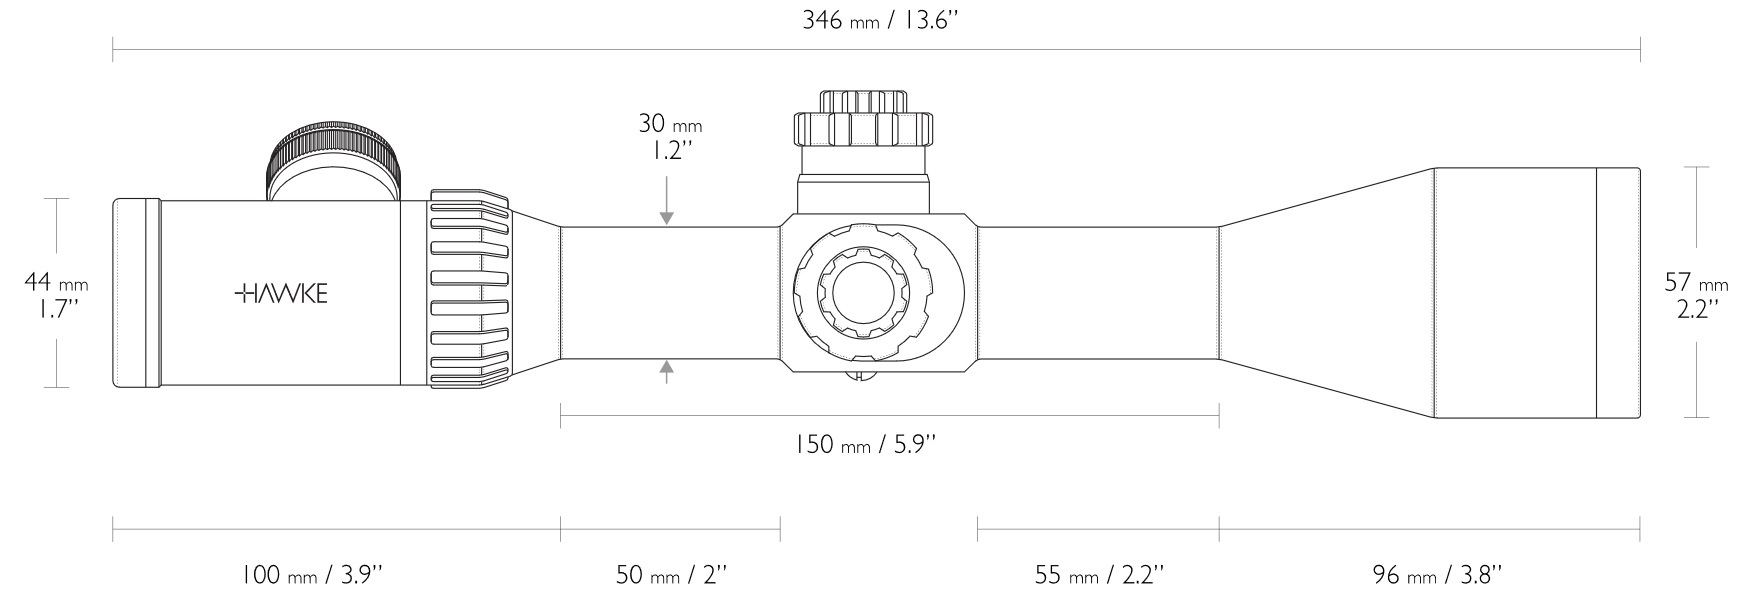 Das wäre eine Skizze mit Maßen dieser Optik.  das Bild sollten Sie bei Bedarf vergrößert anschauen.